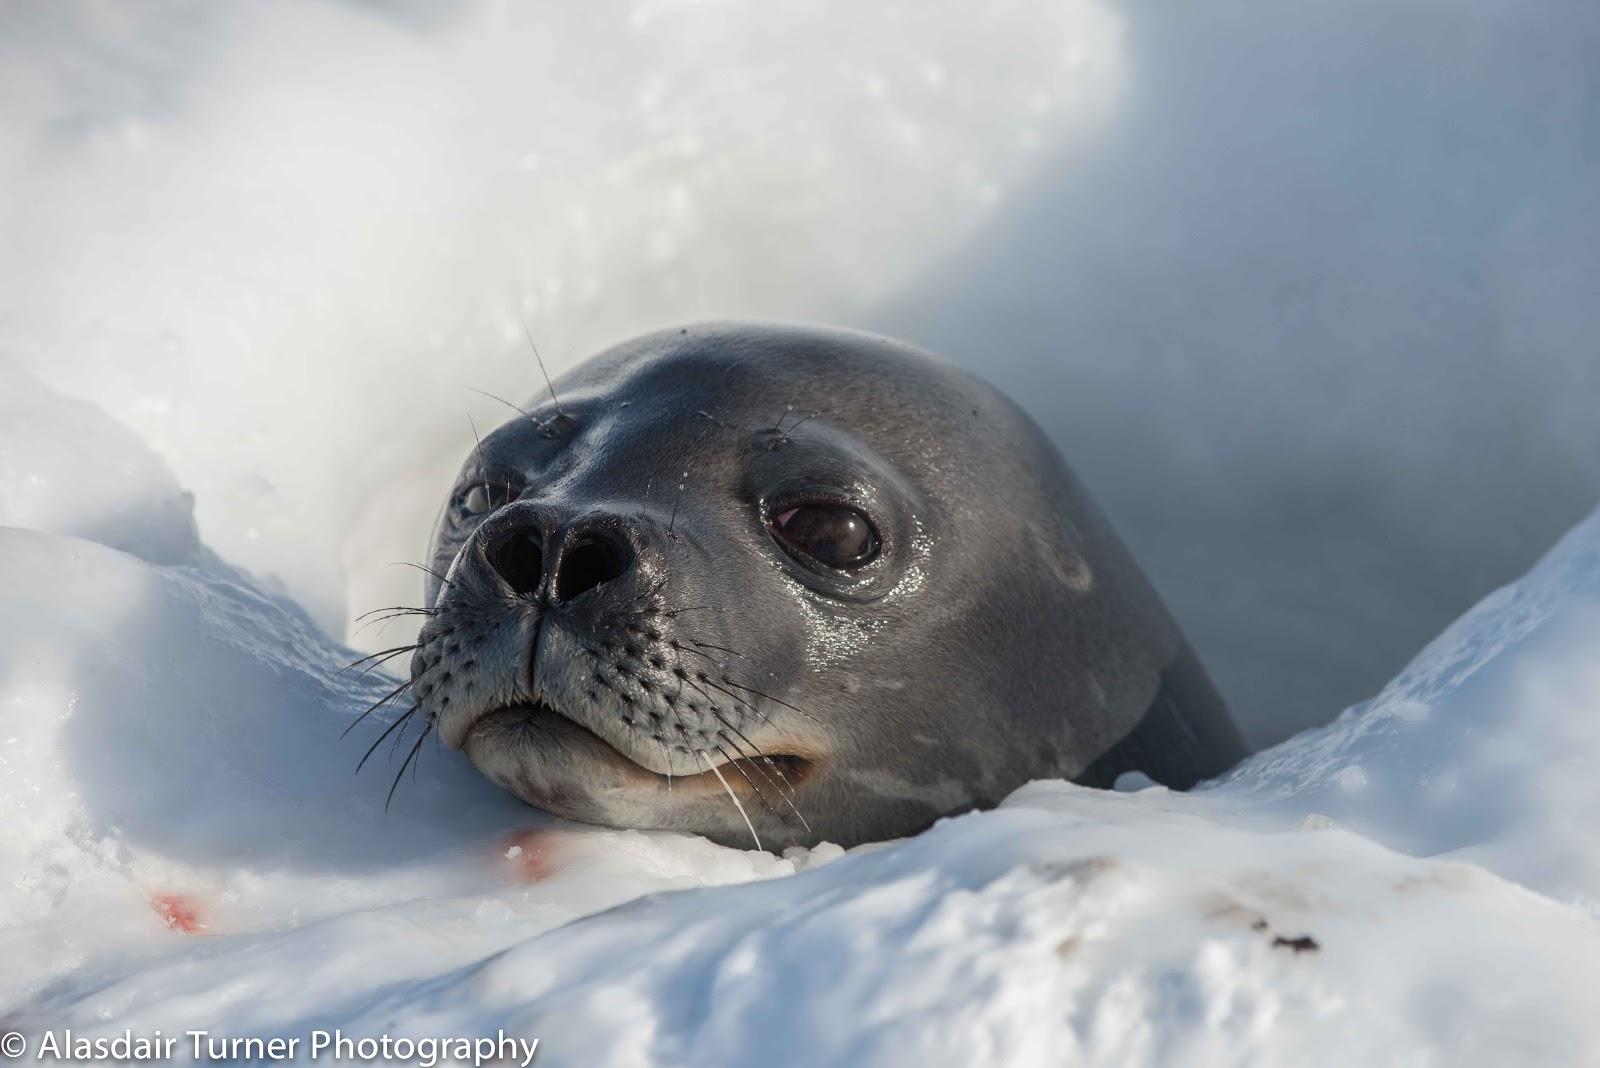 Alasdair Turner Photography: Weddell Seals